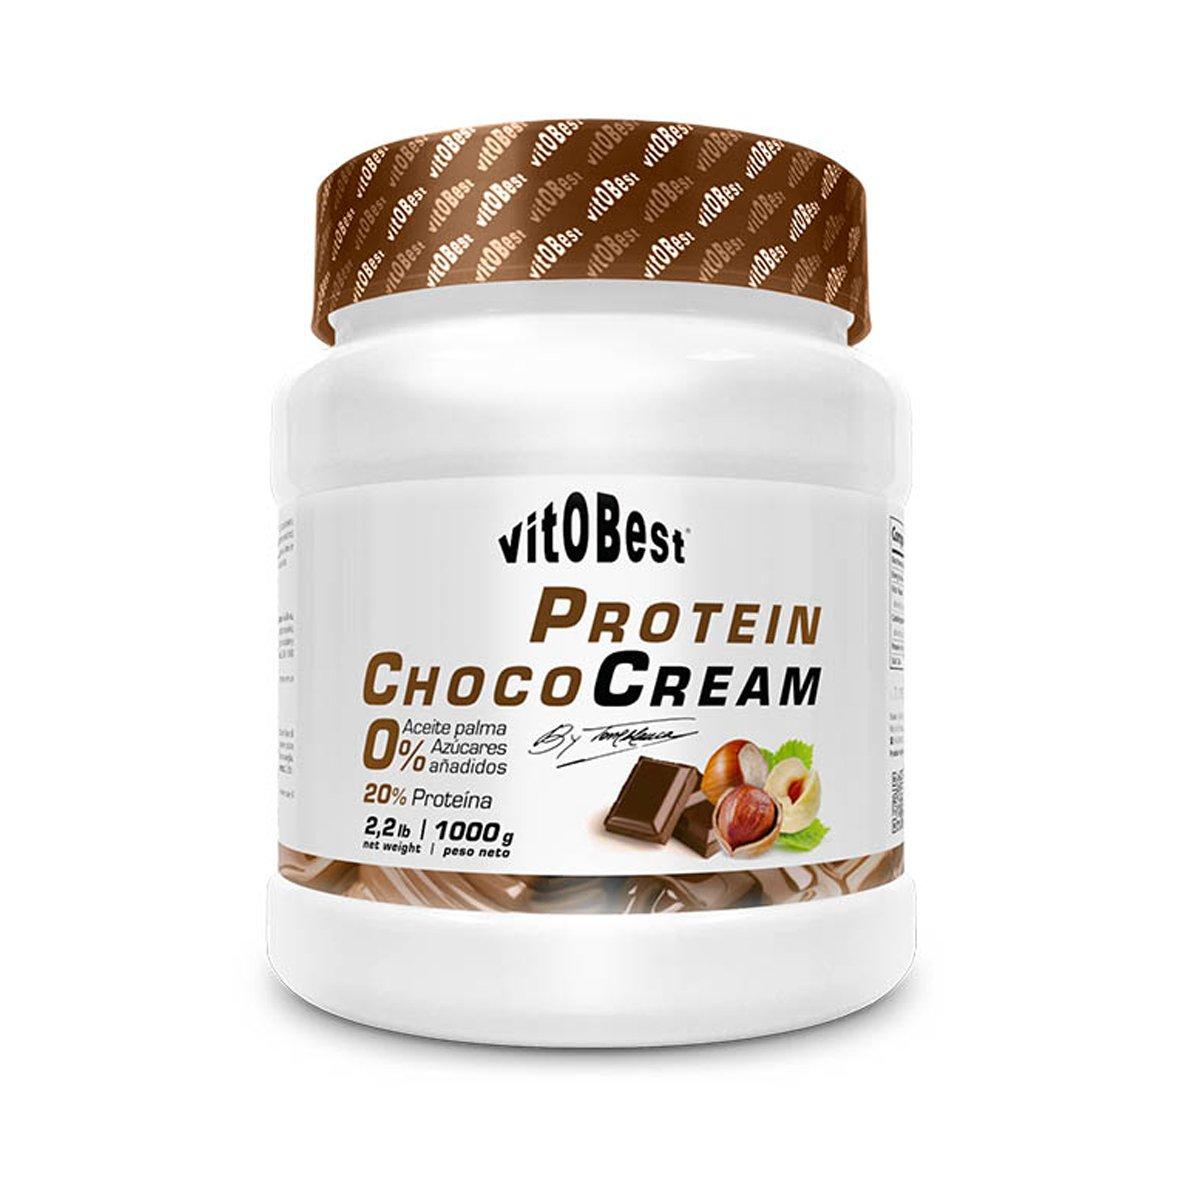 CREAM PROTEIN CHOCO 1KG